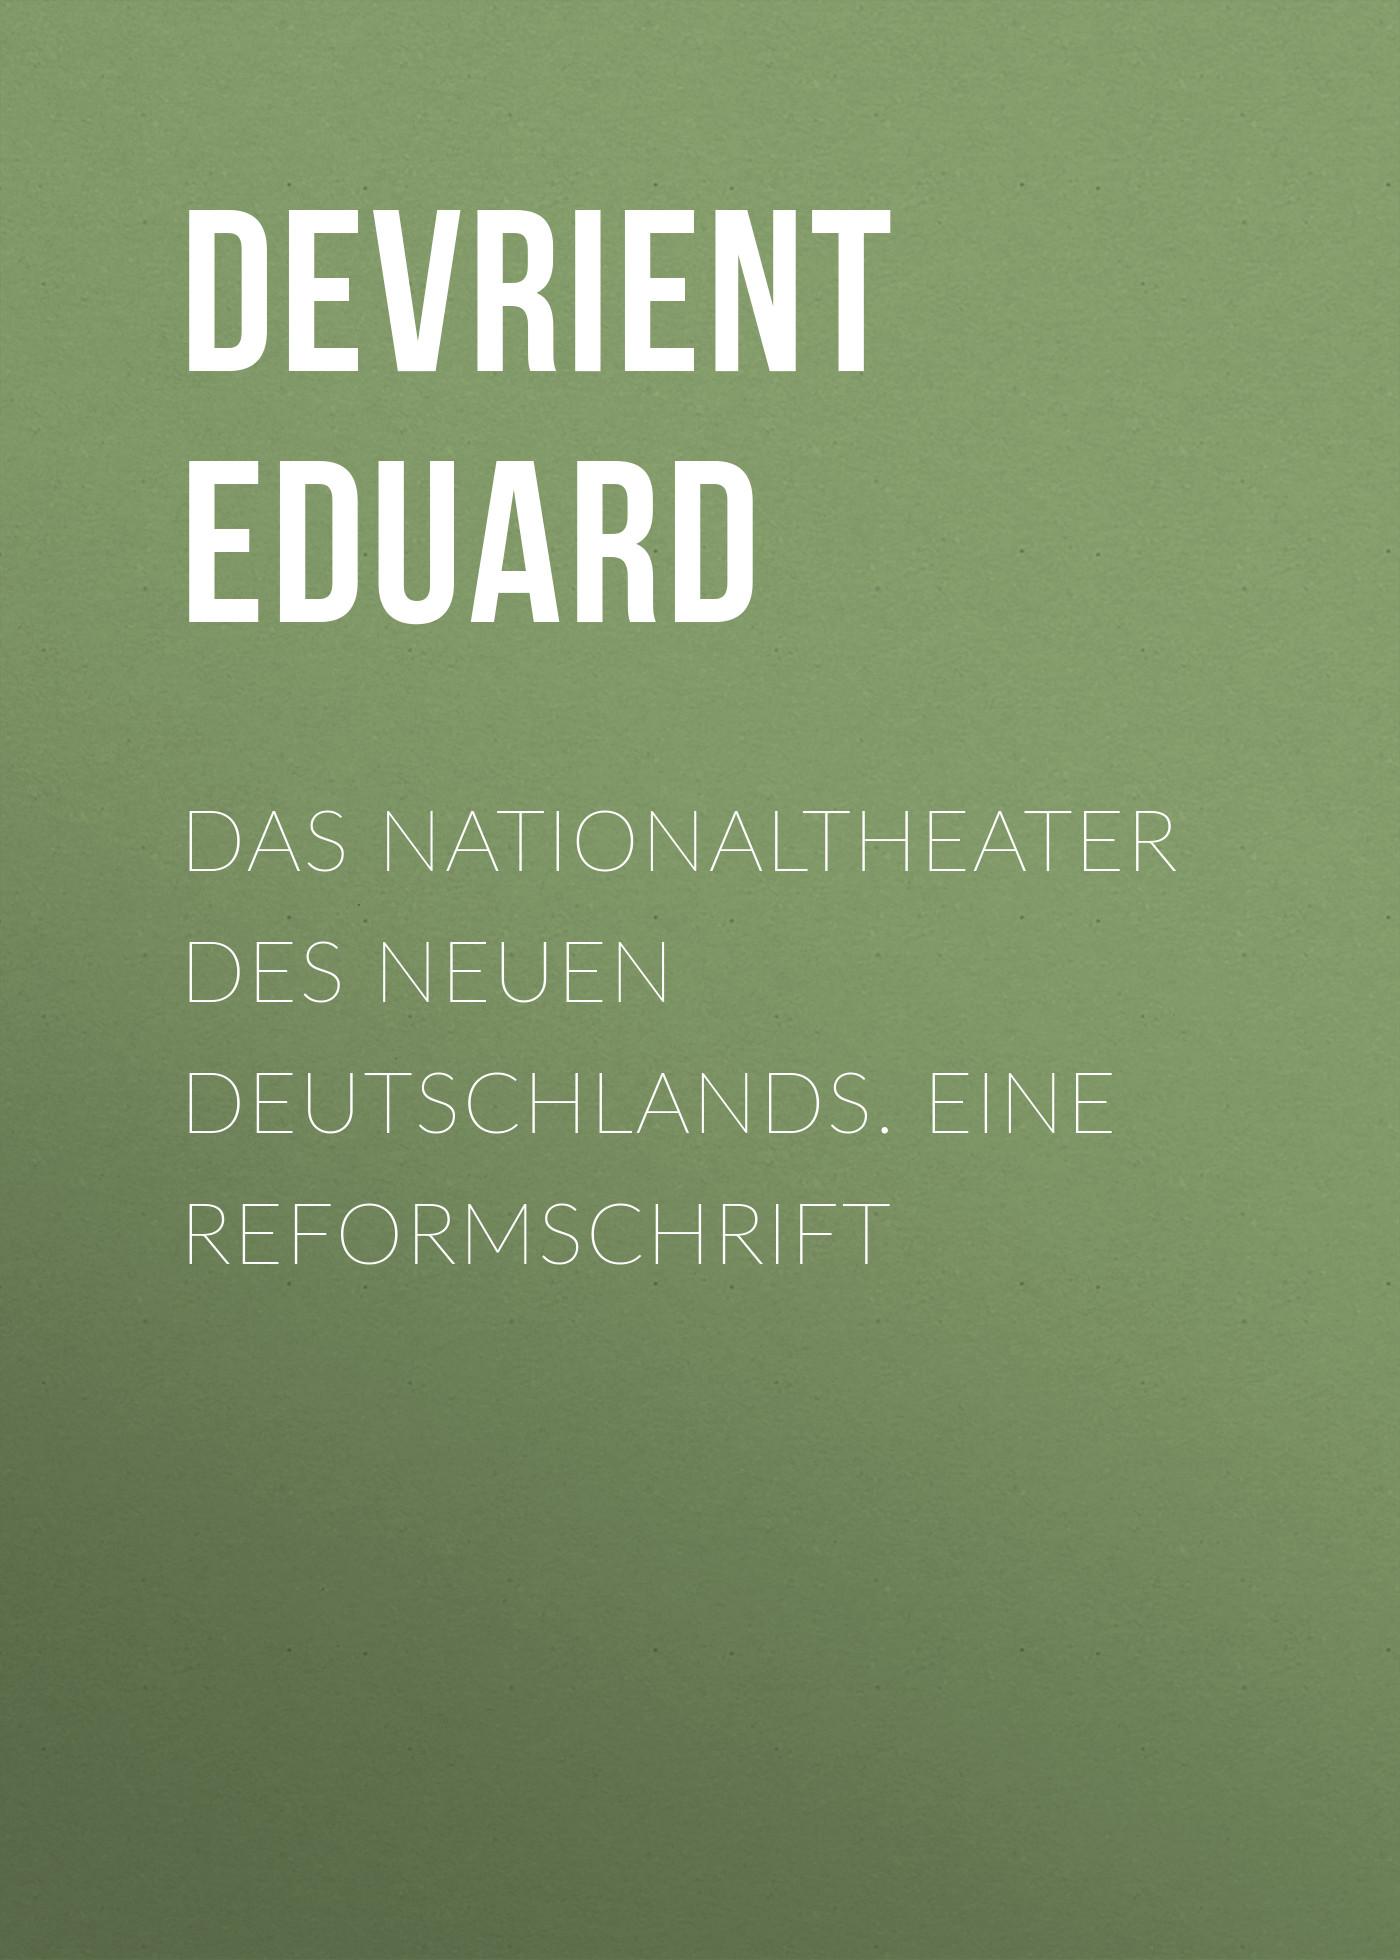 лучшая цена Devrient Eduard Das Nationaltheater des Neuen Deutschlands. Eine Reformschrift